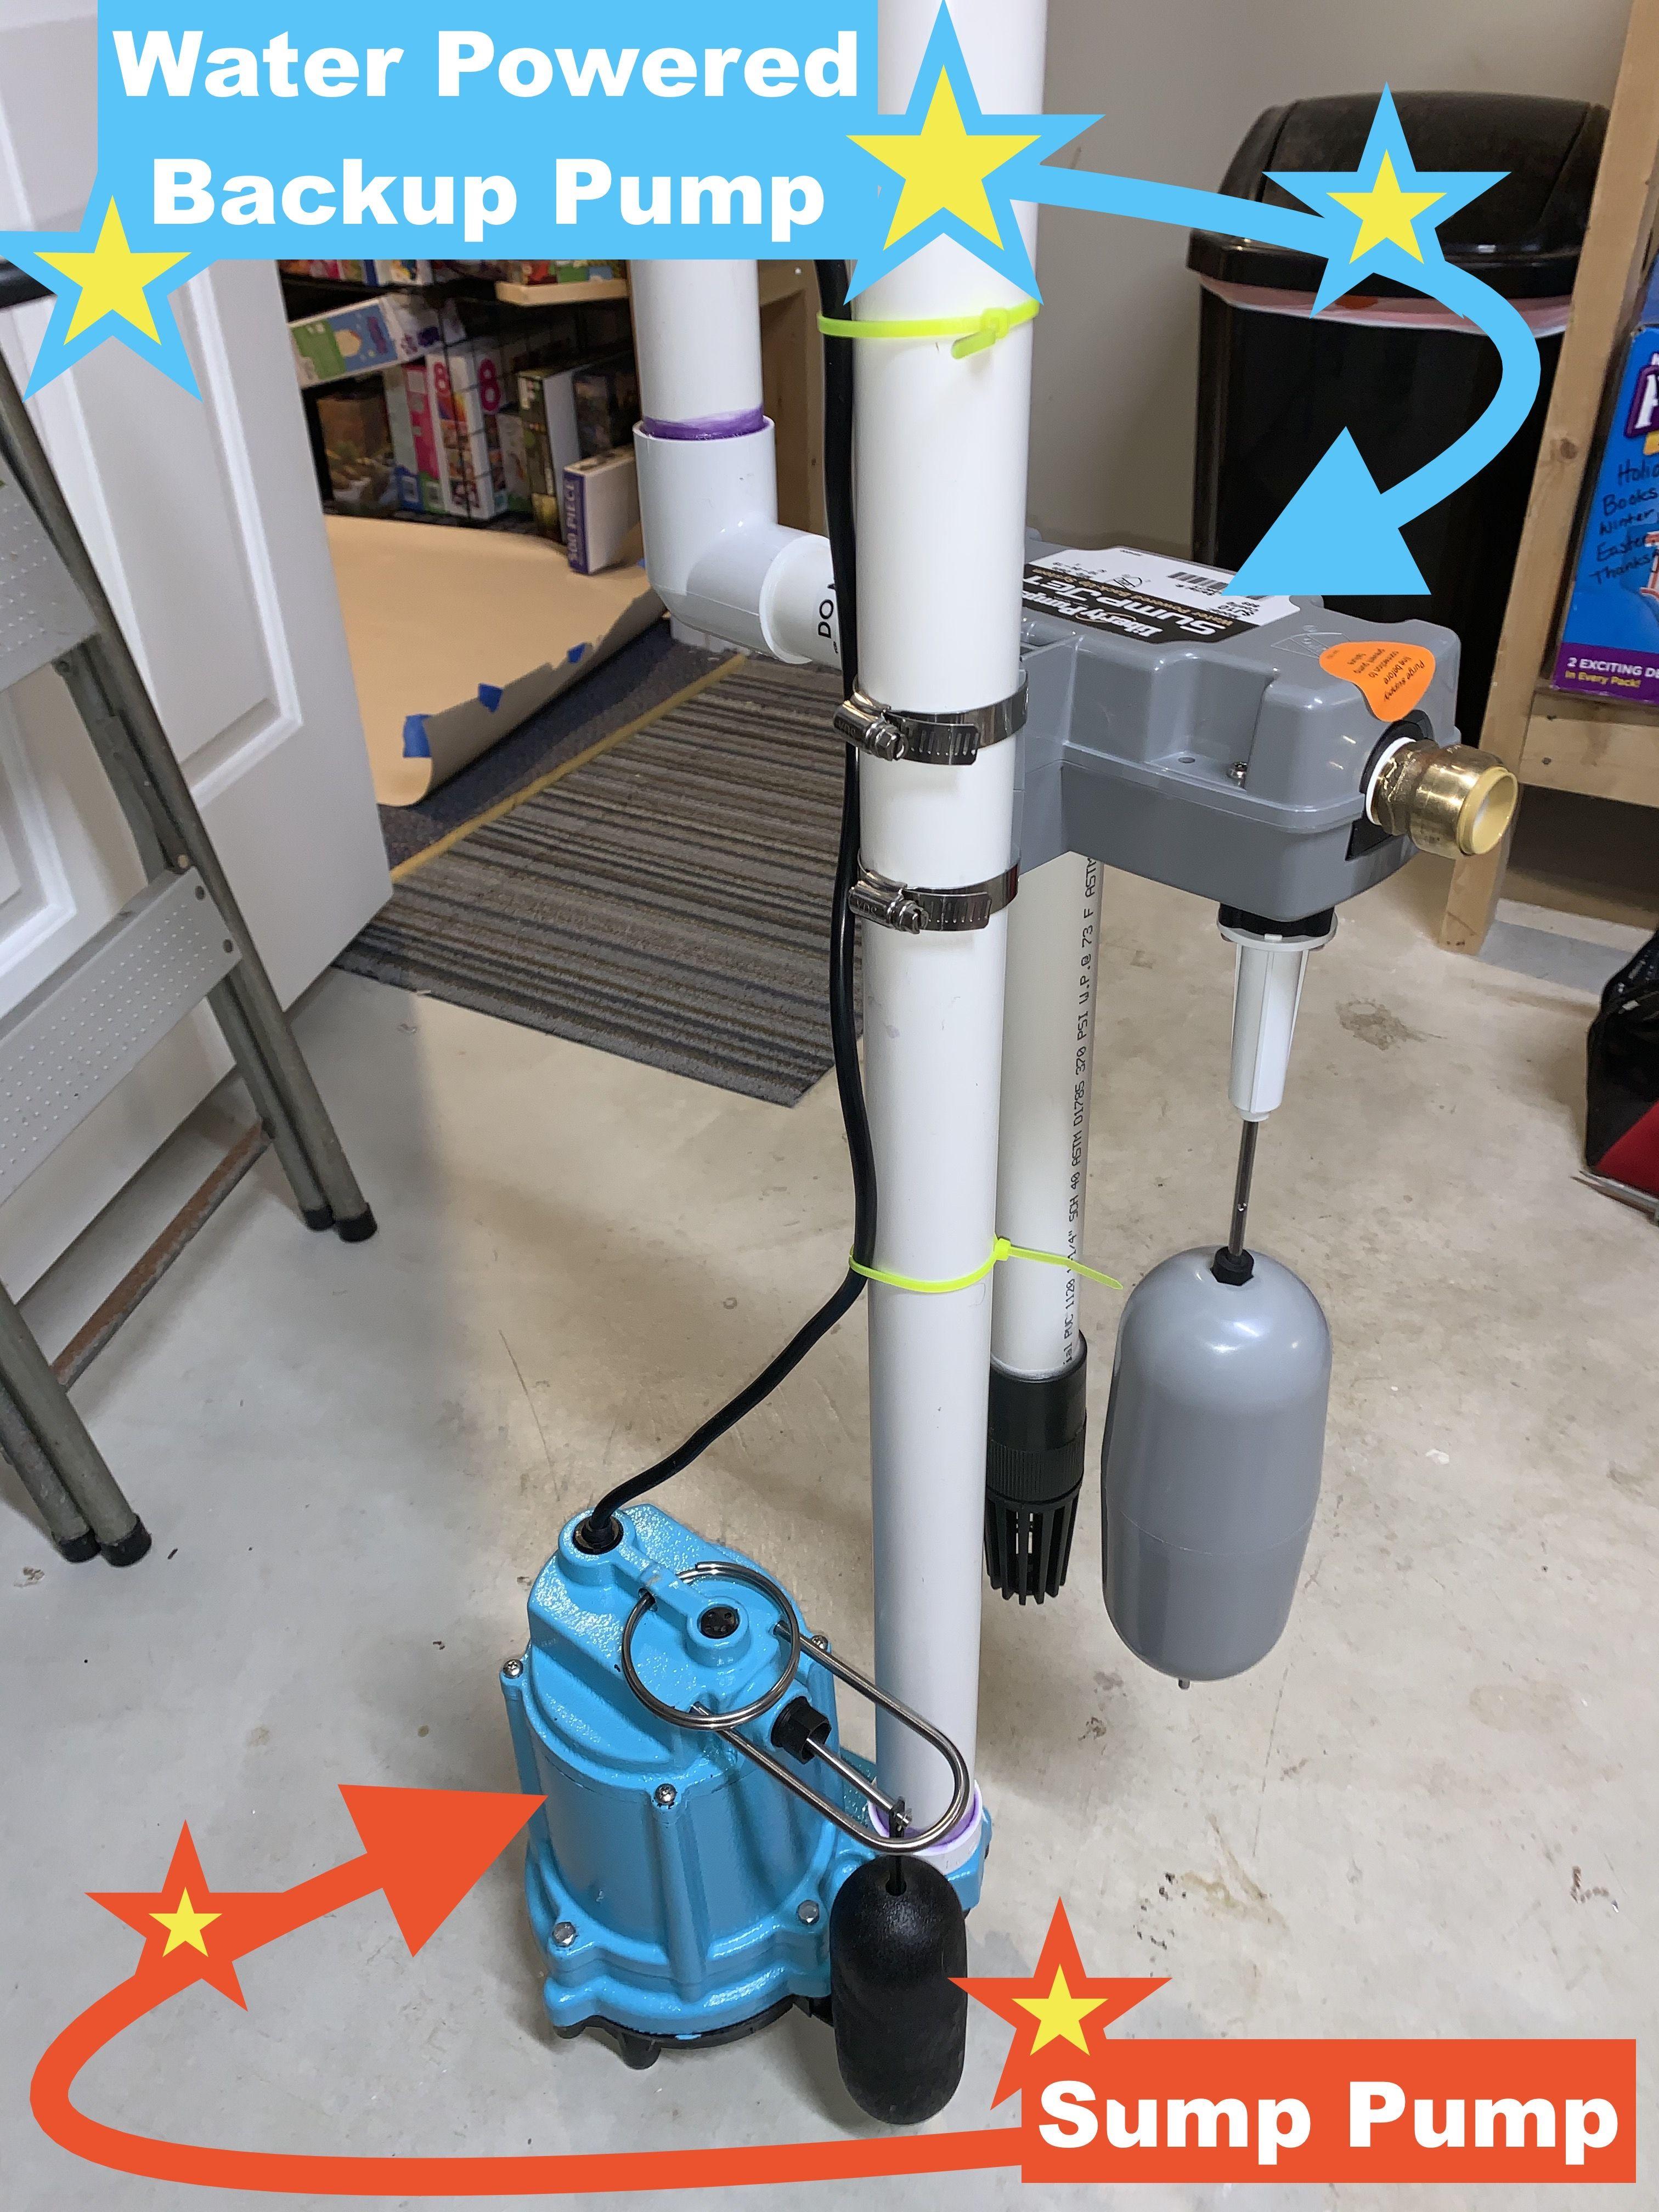 Basement sump pump and water powered backup sump pump